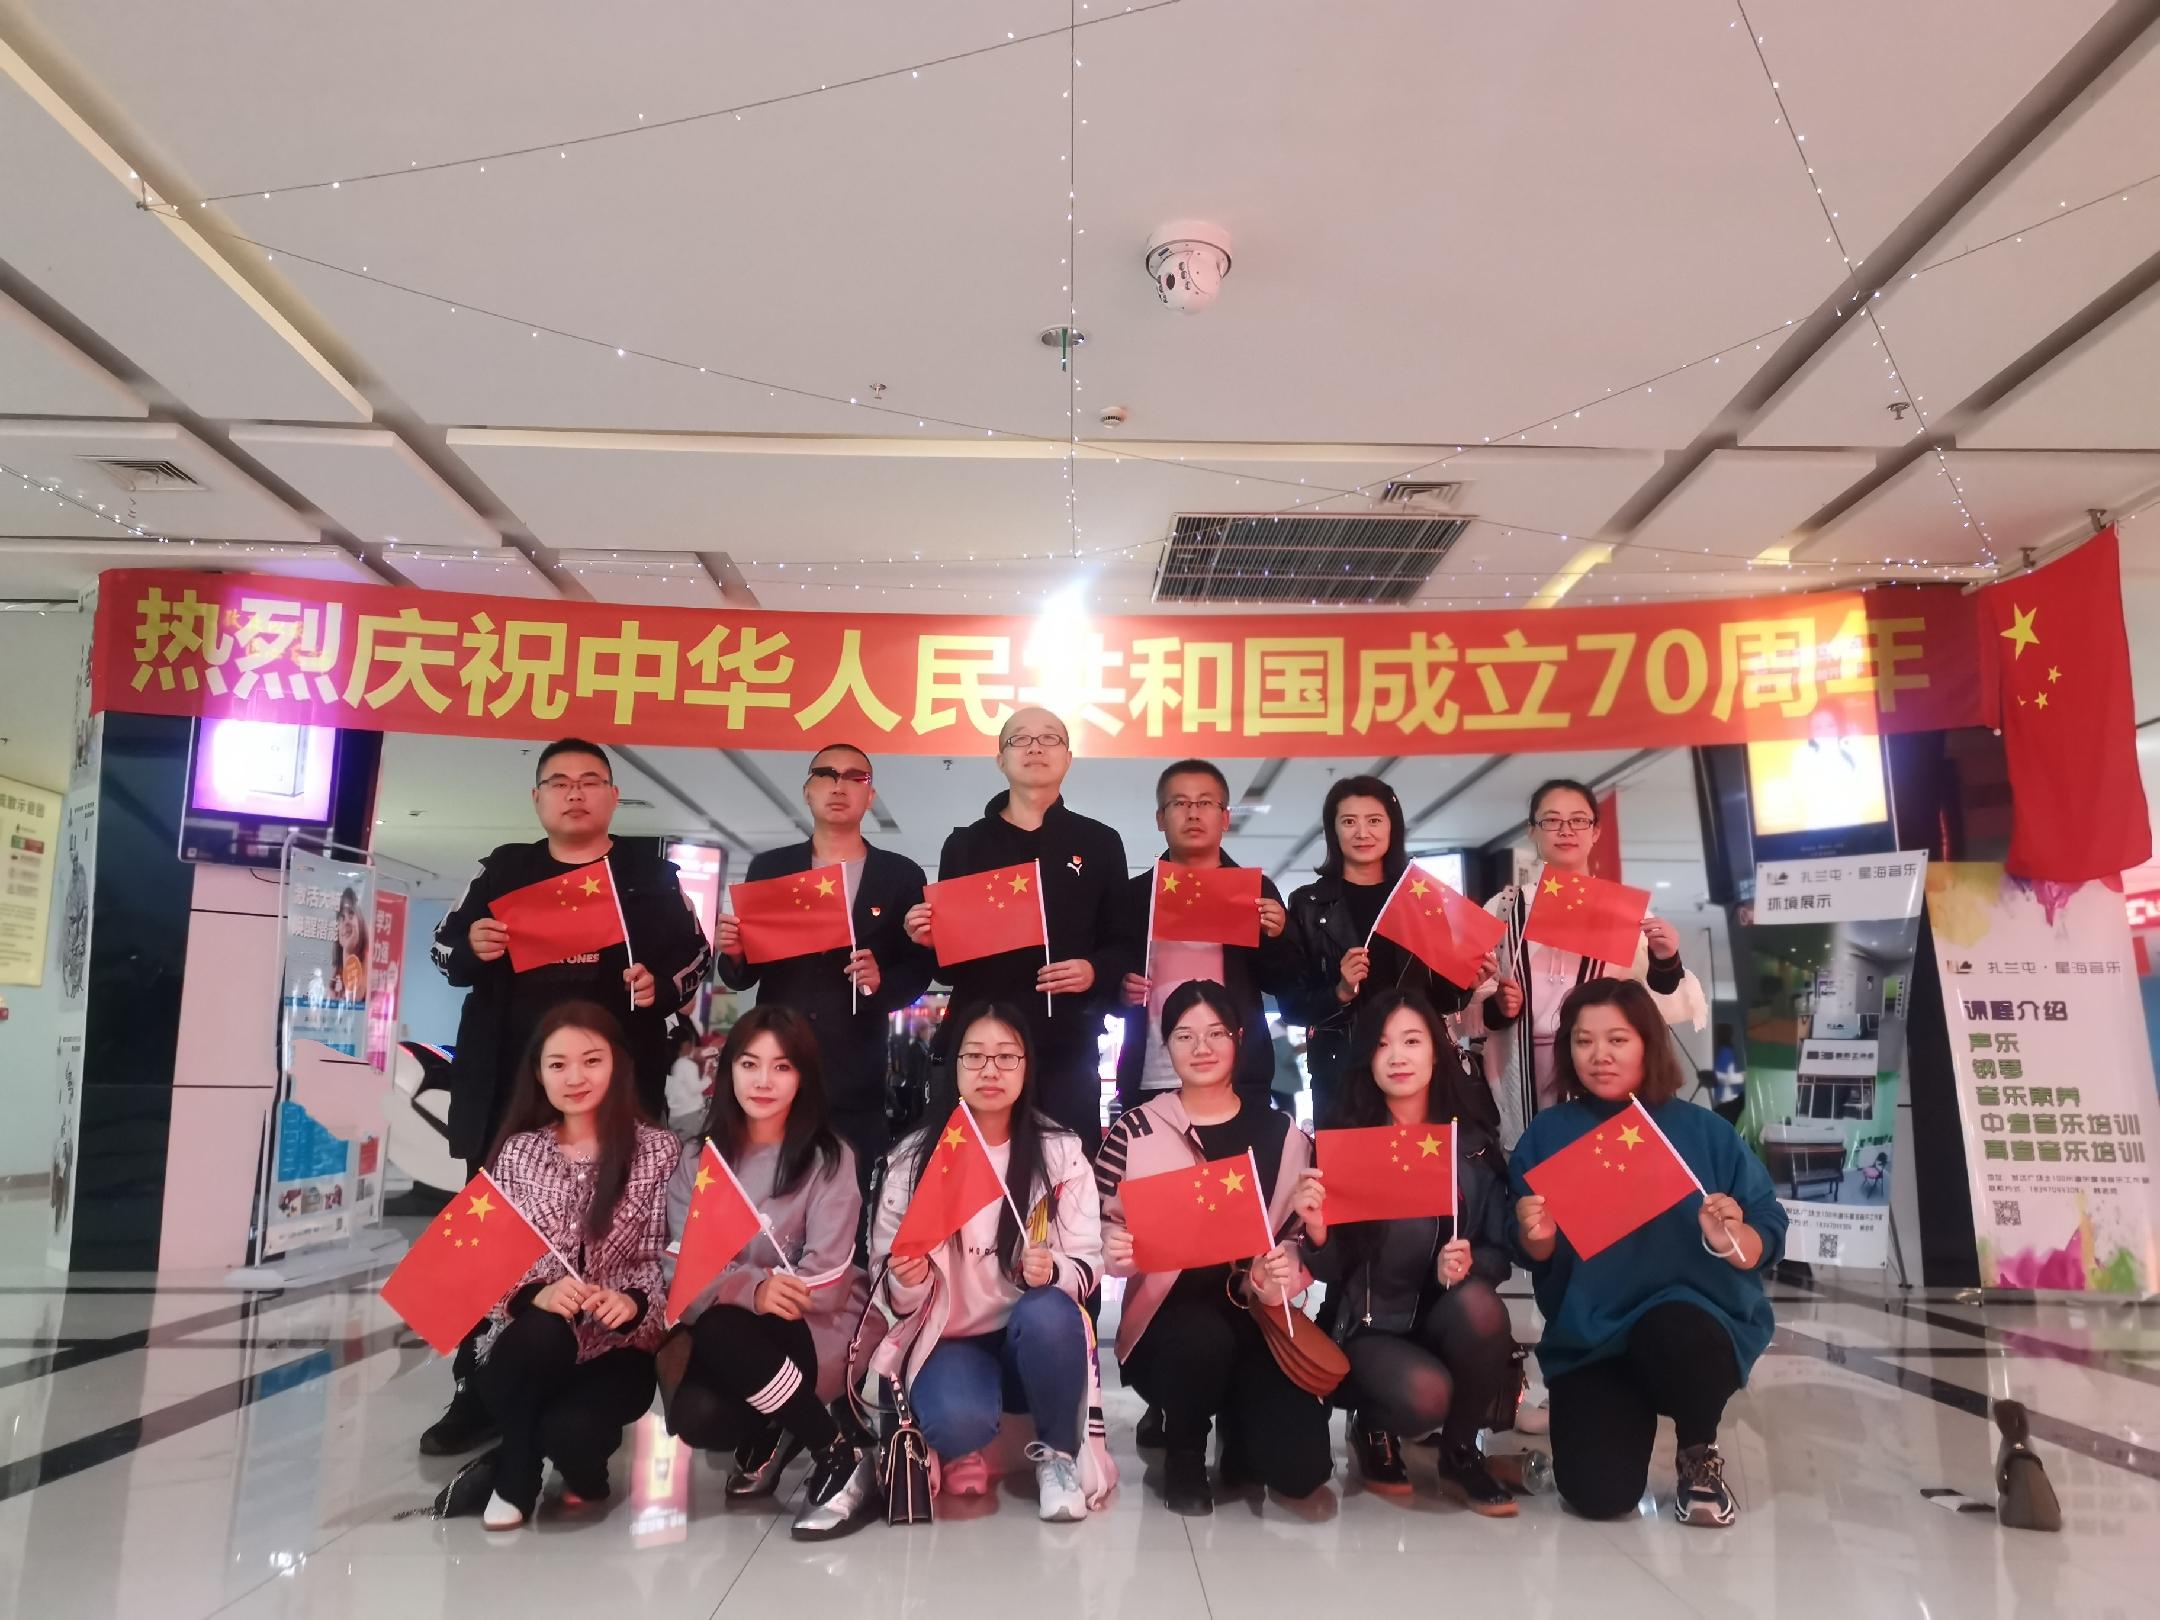 扎兰屯市人民检察院安排干警观看建国70周年赤色献礼电影《我和我的祖国》